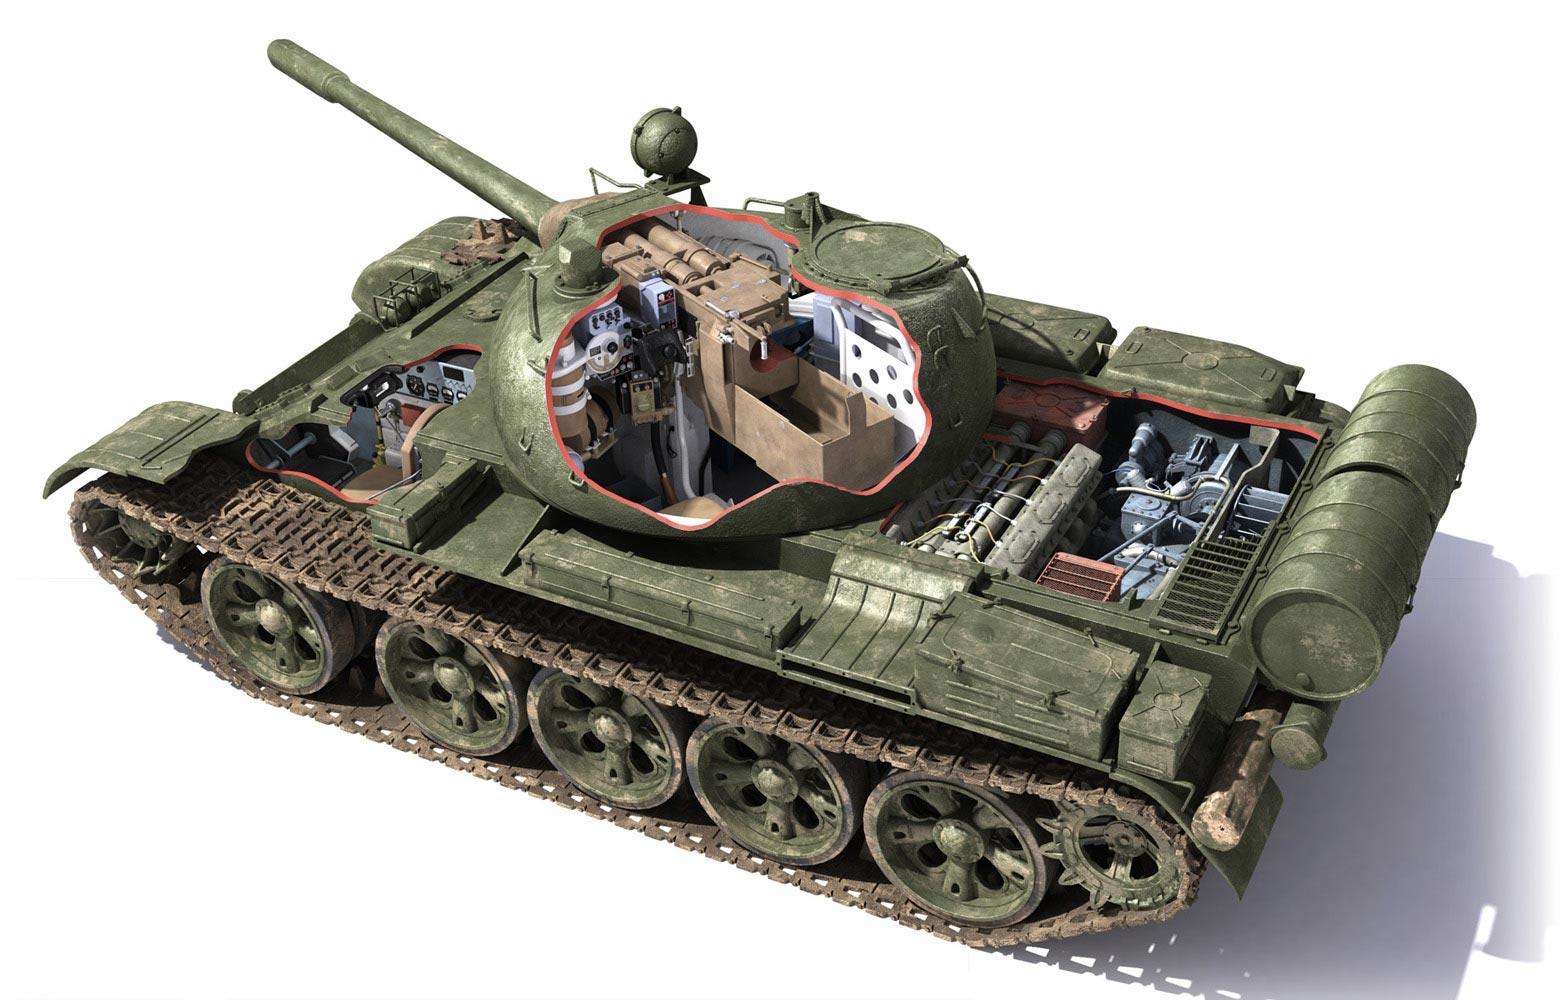 T-55 tank cutaway